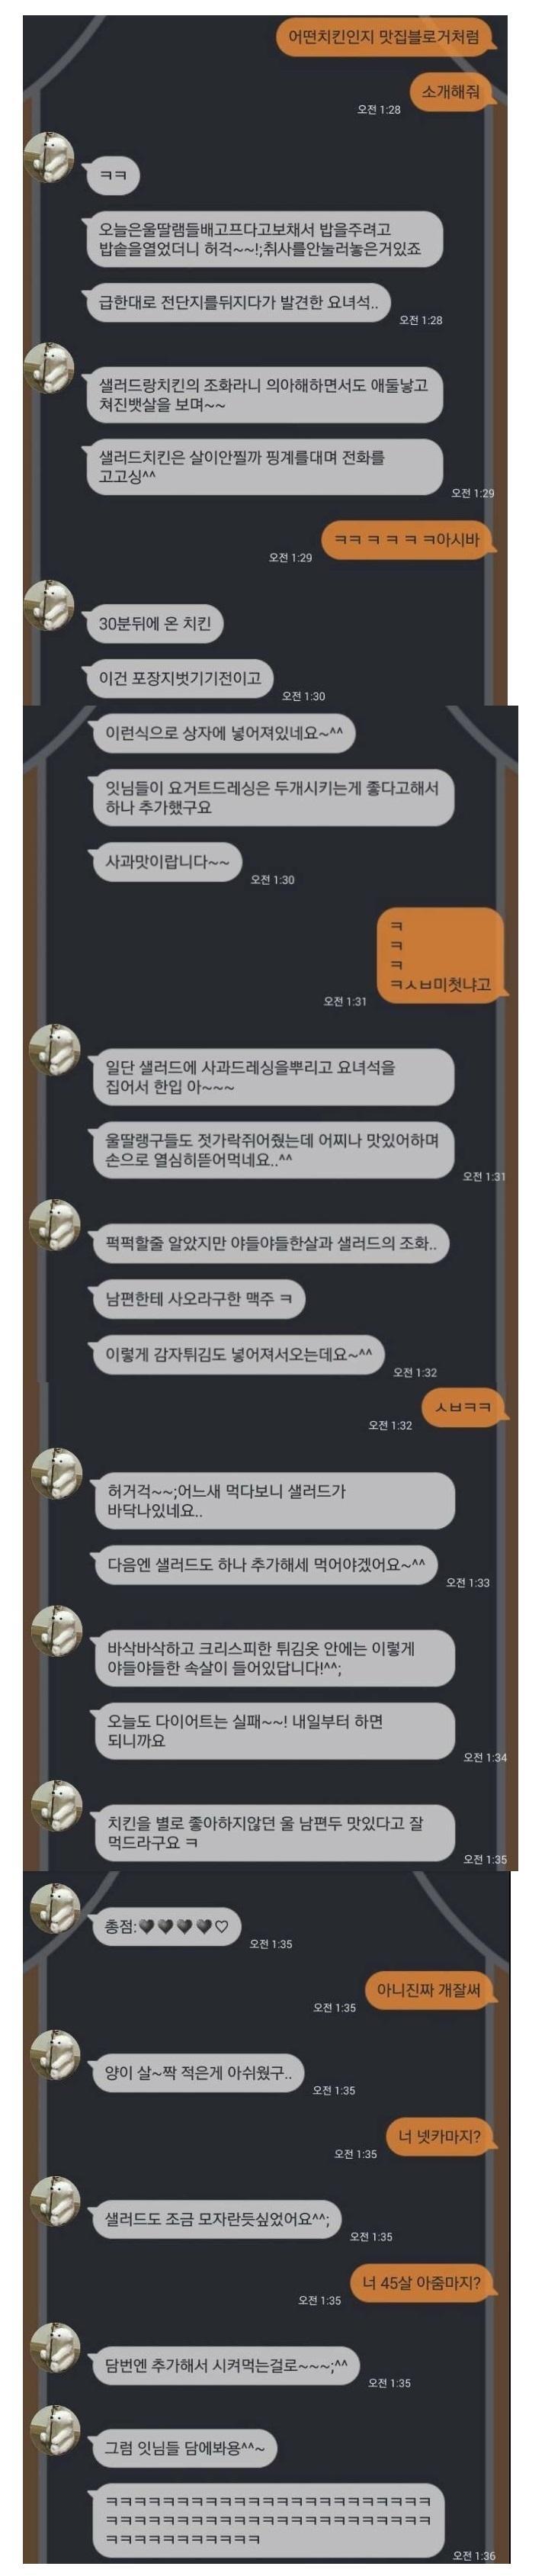 kakaotalk id dating Kakaotalk – perangkat lunak untuk komunikasi di seluruh dunia dengan teman-teman kakaotalk memungkinkan anda untuk bertukar pesan teks dan membuat panggilan.